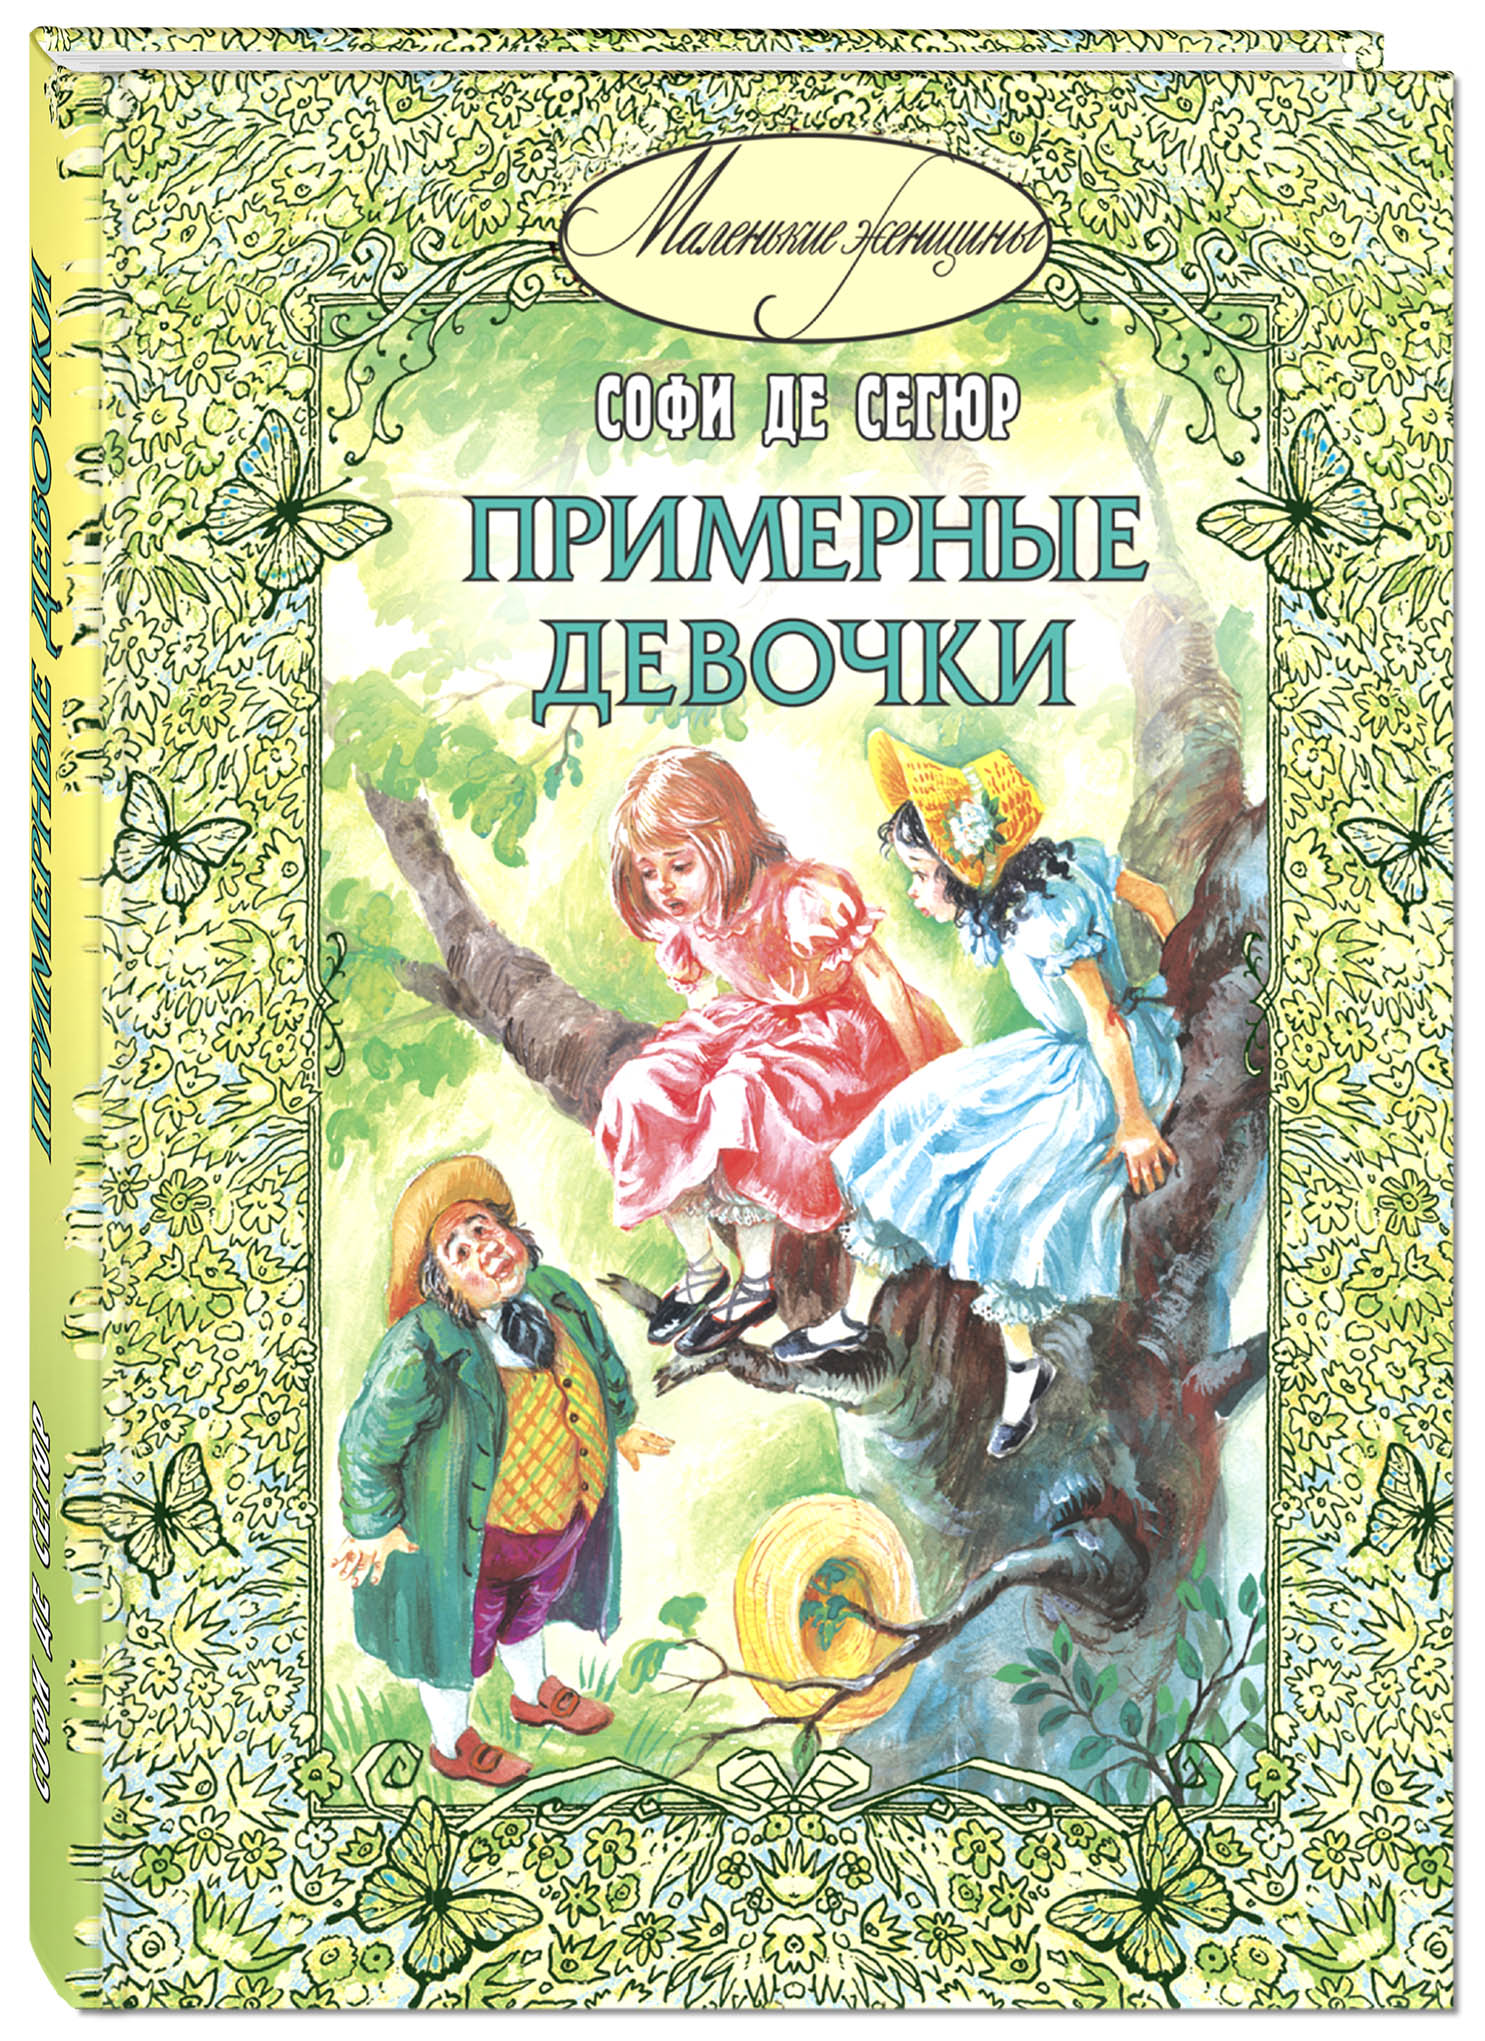 Софи де Сегюр Примерные девочки софия де сегюр история принцессы розетты новые волшебные сказки для маленьких детей